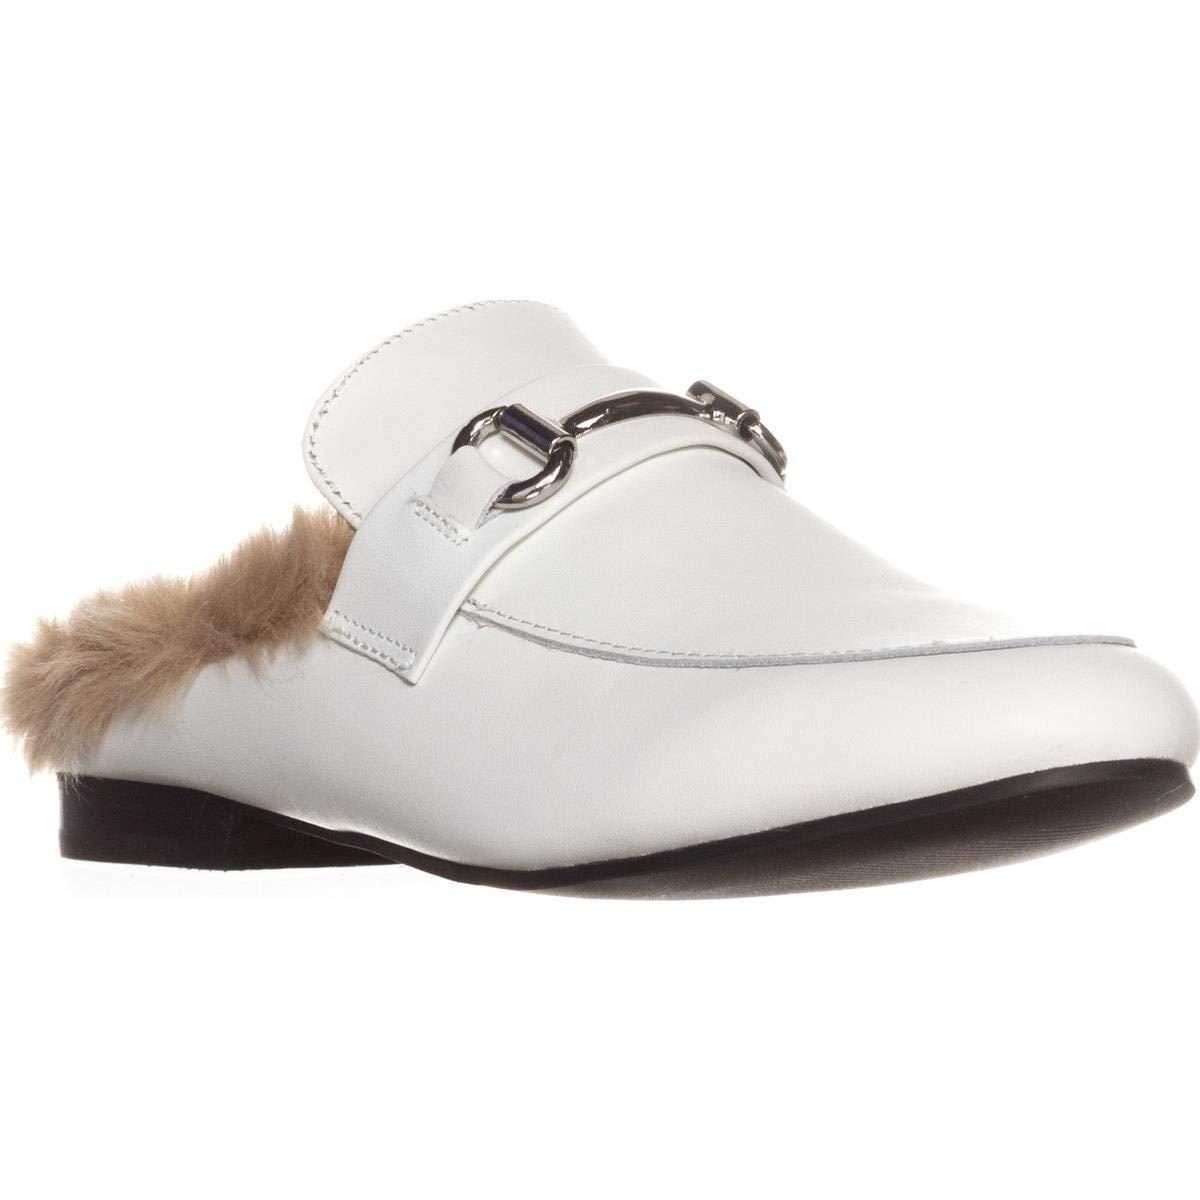 3ec72c2678e Steve Madden Jill Flat Slip-on Mules White Leather 8.5 US